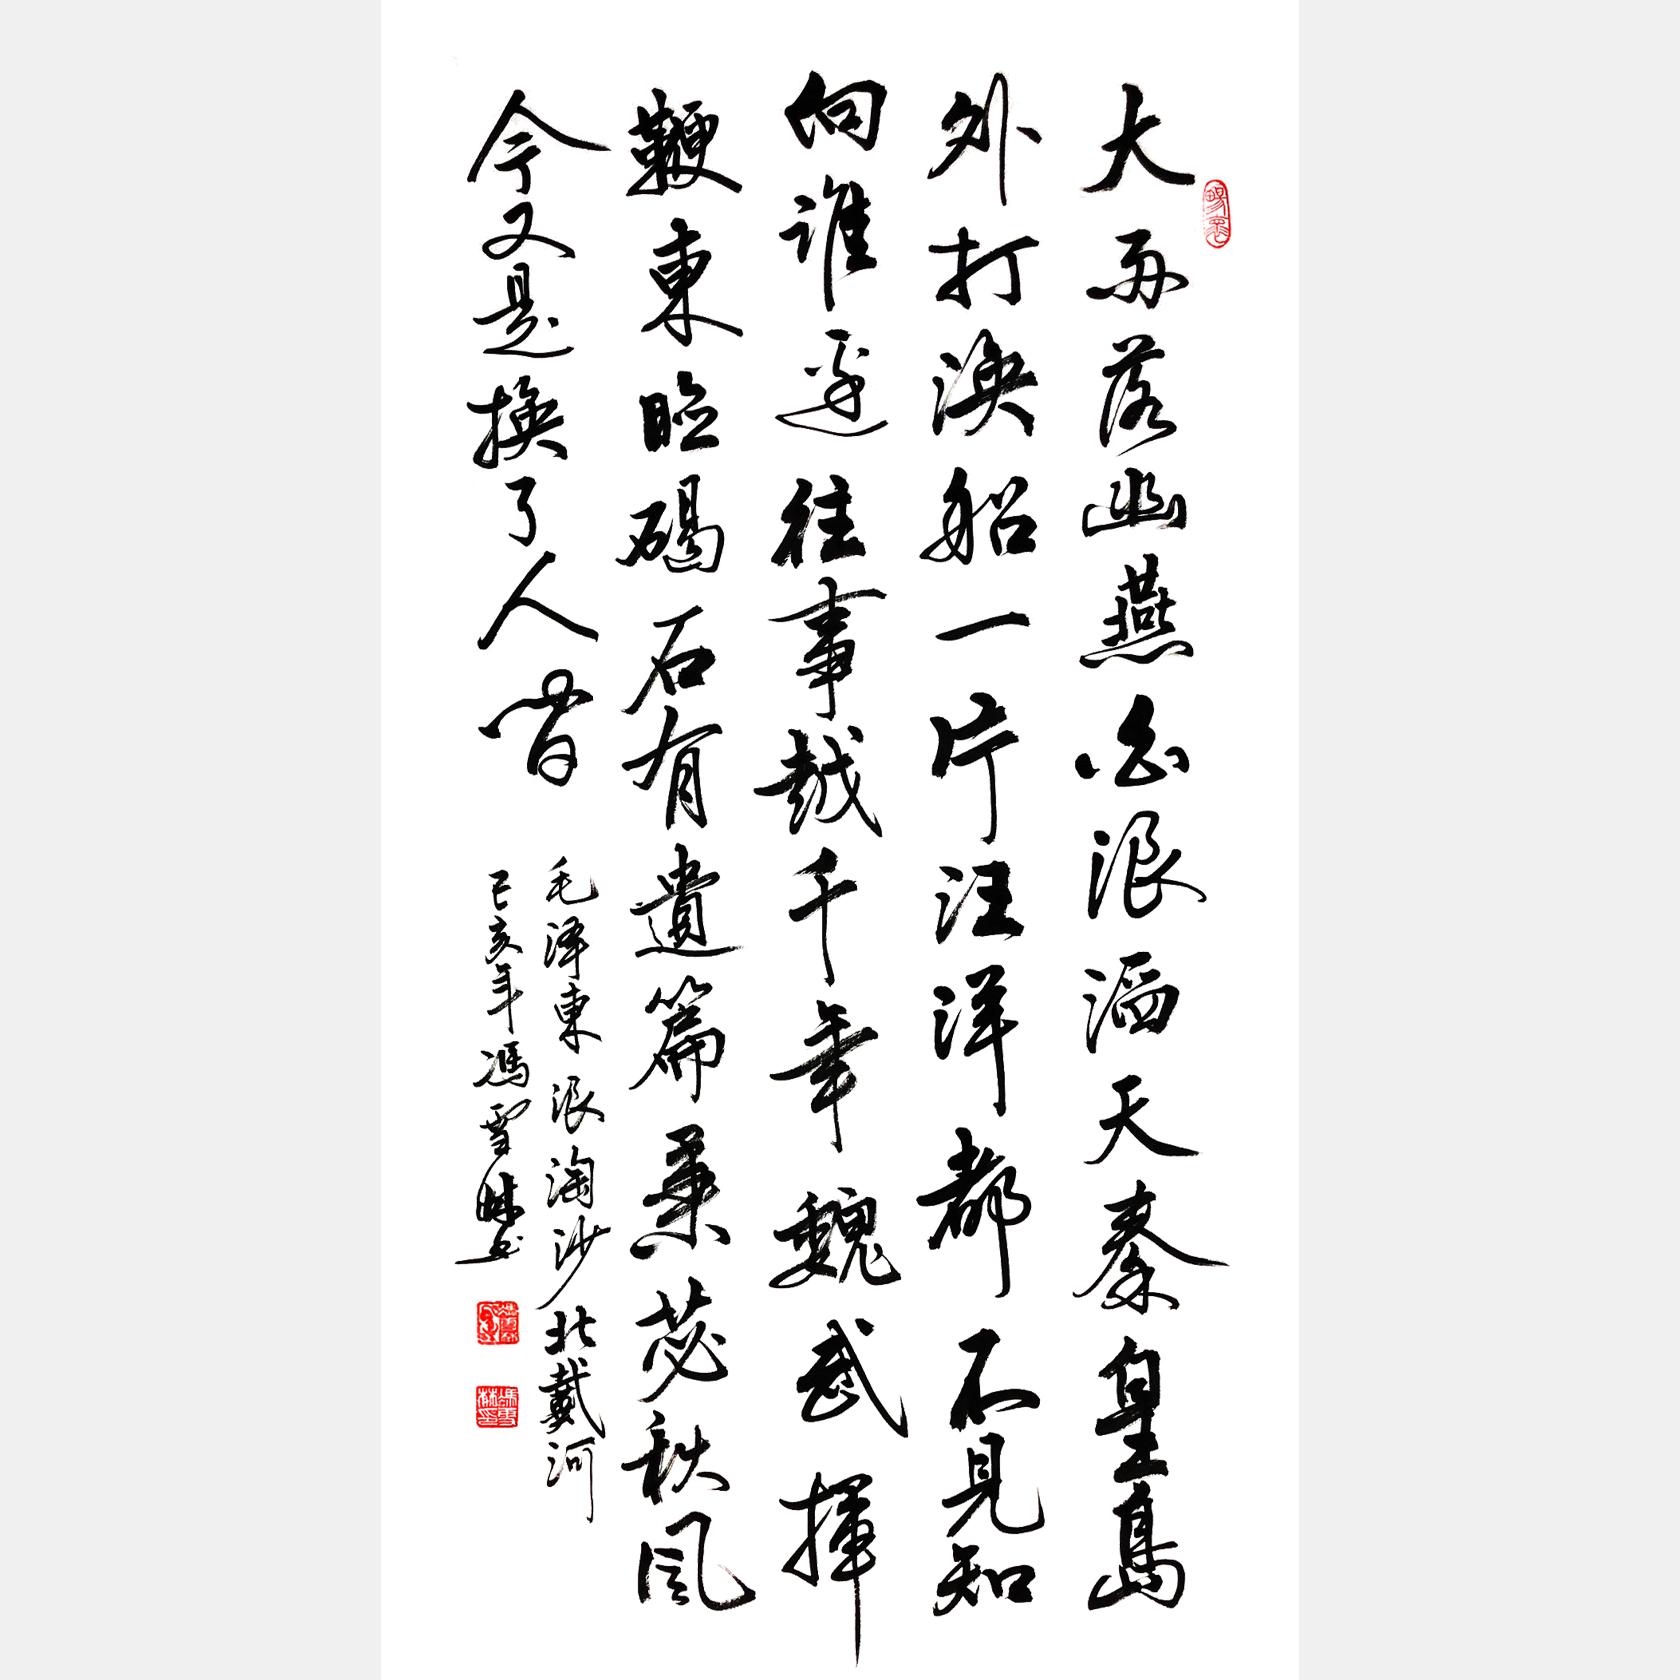 毛主席《浪淘沙·北戴河》书法作品 行书竖幅字画